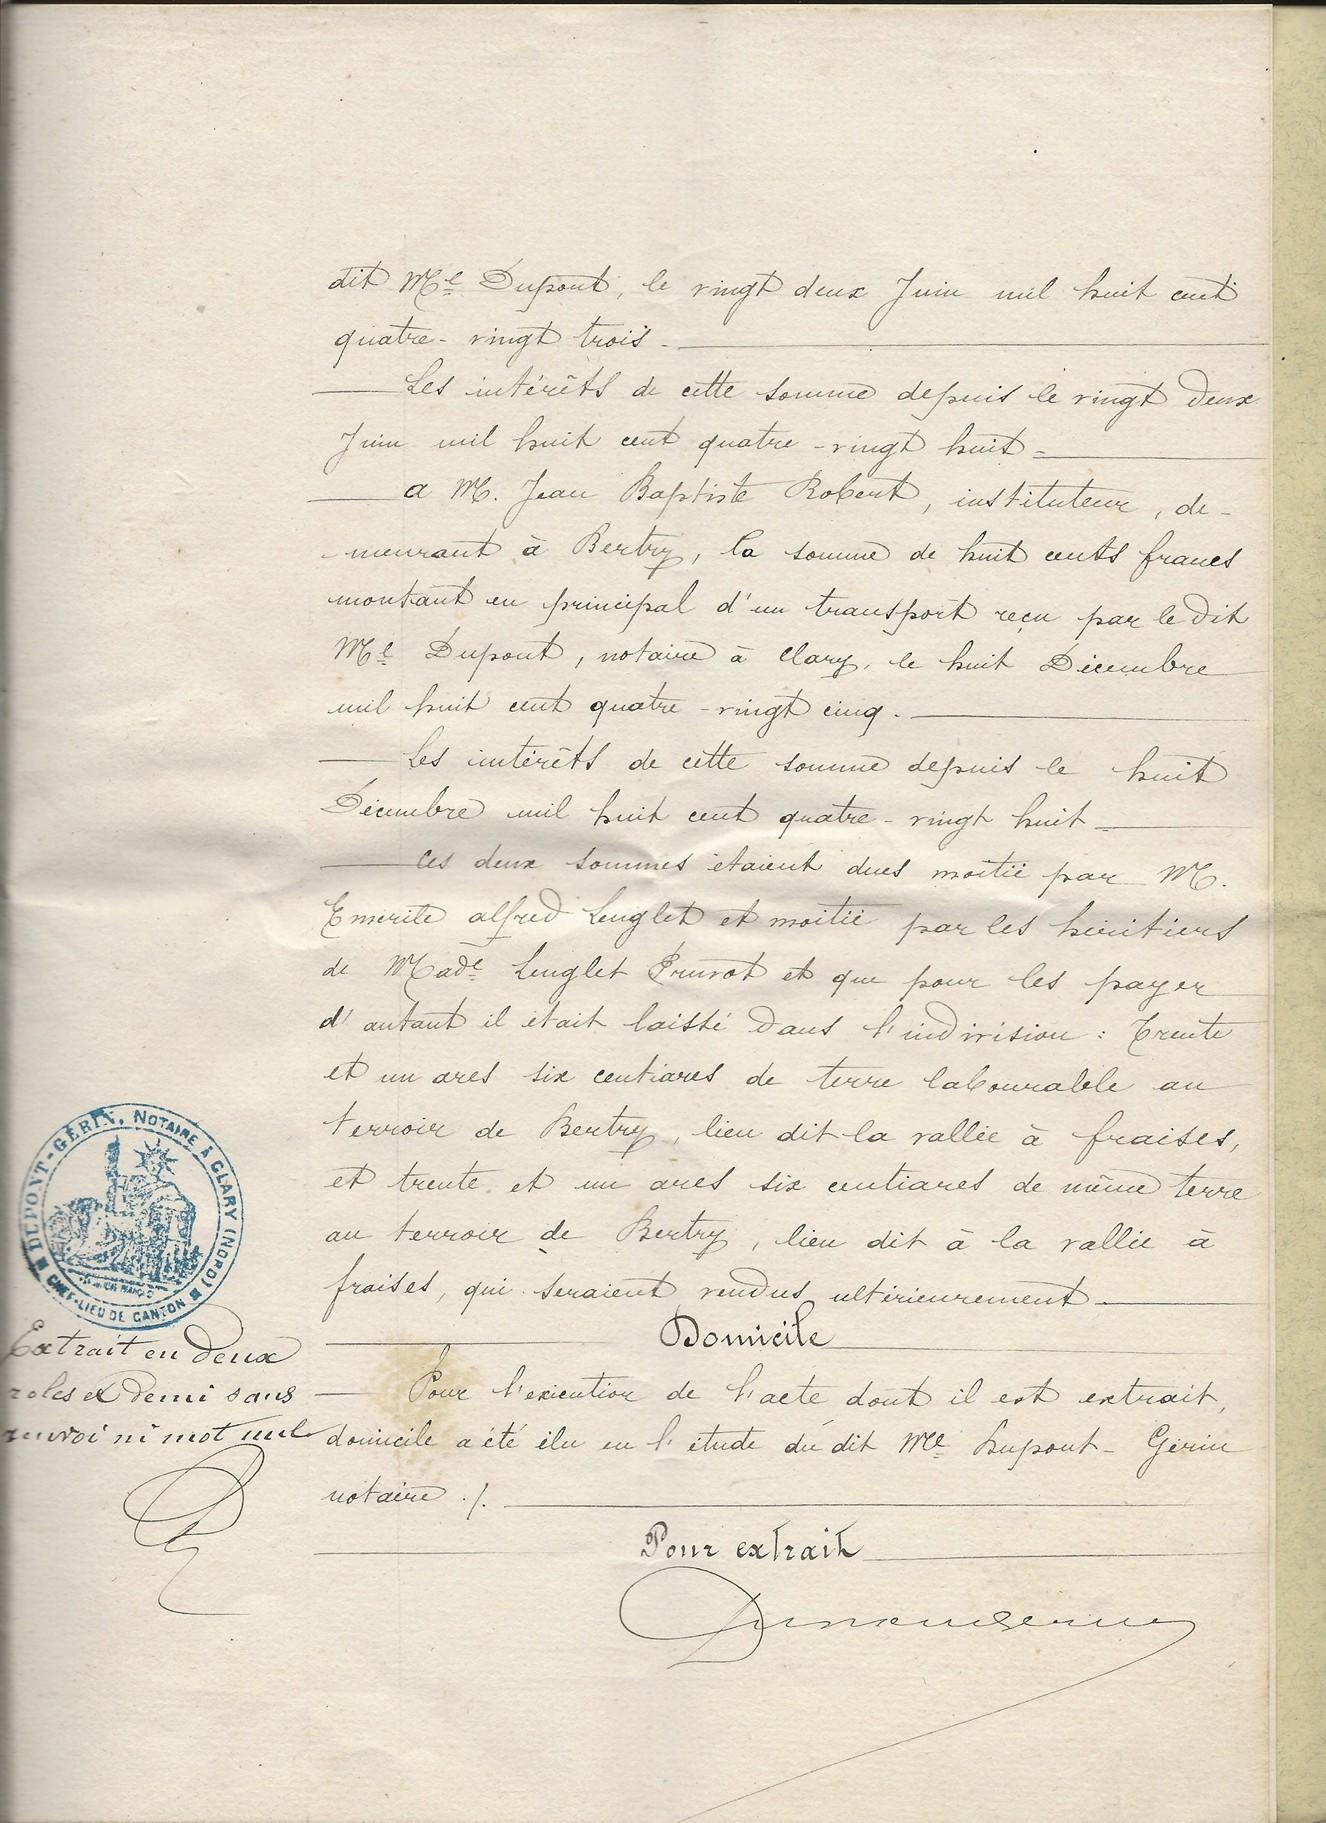 1889 succession de appolonie pruvot epouse lenglet emerile 005